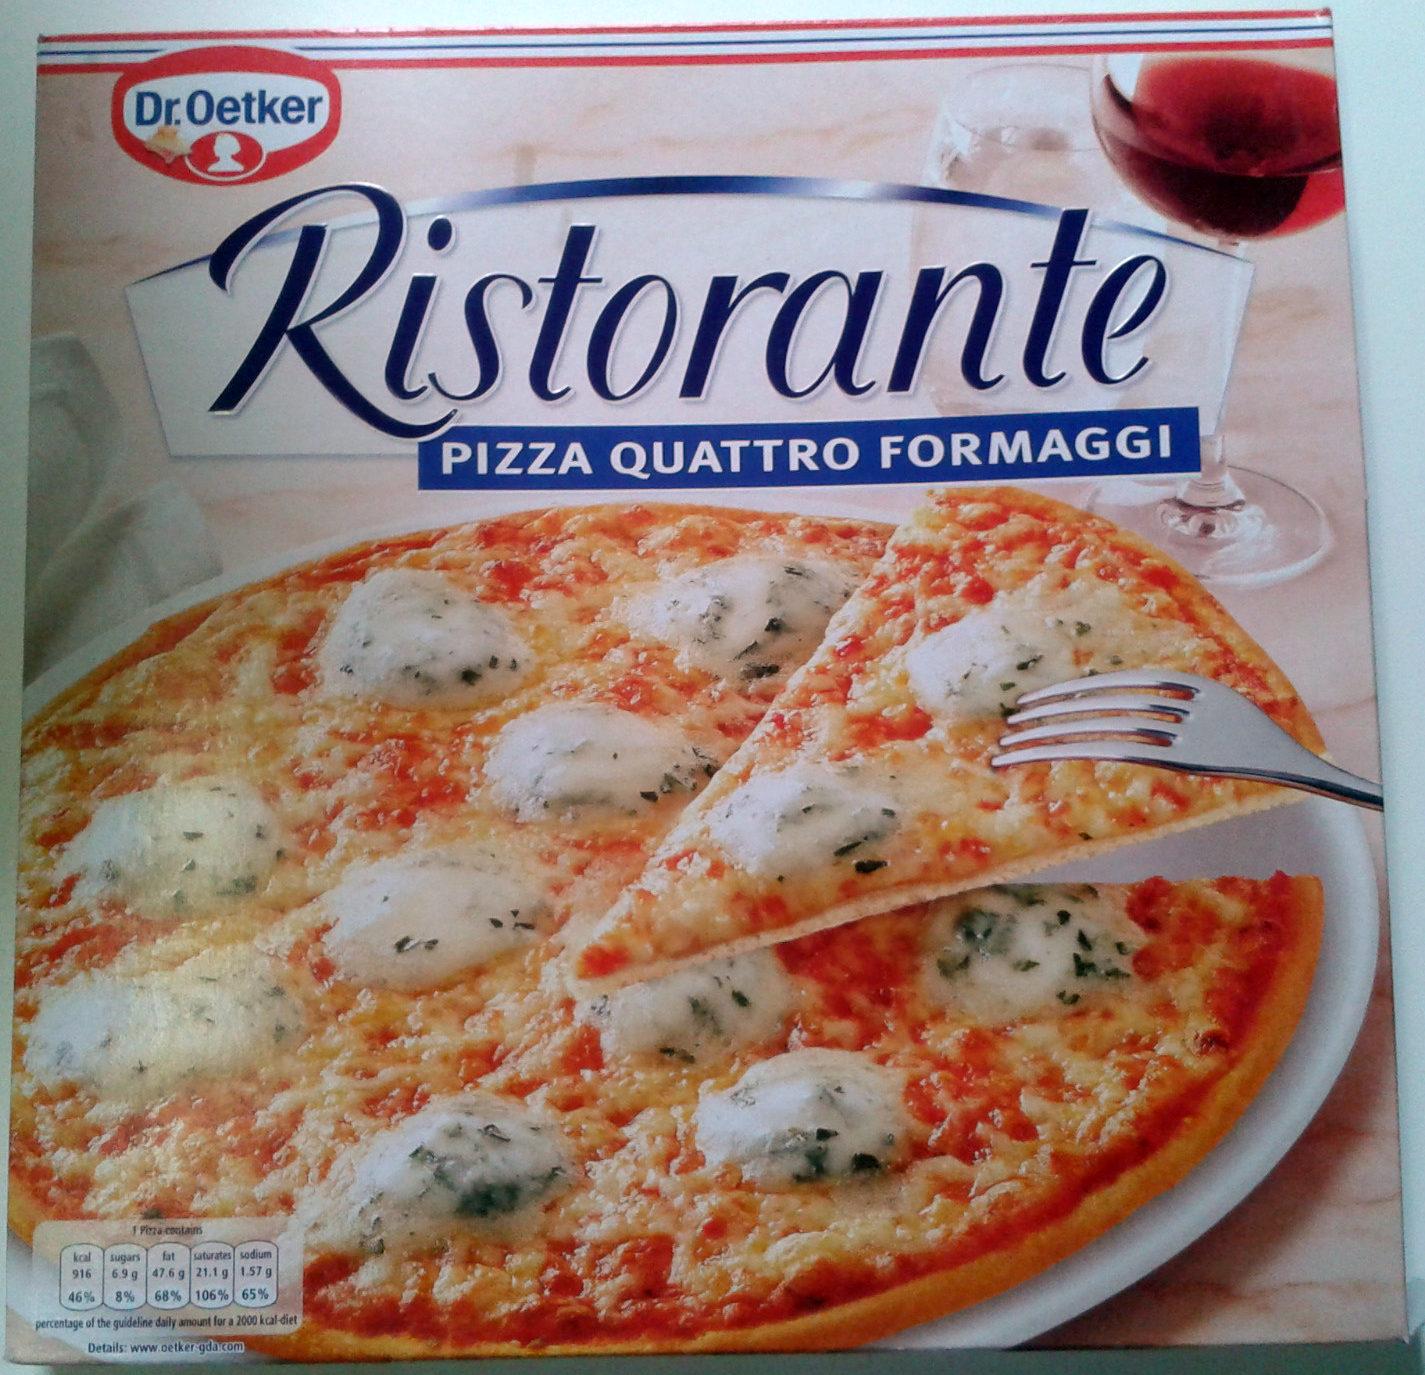 Pizza Ristorante Quattro Formaggi - Product